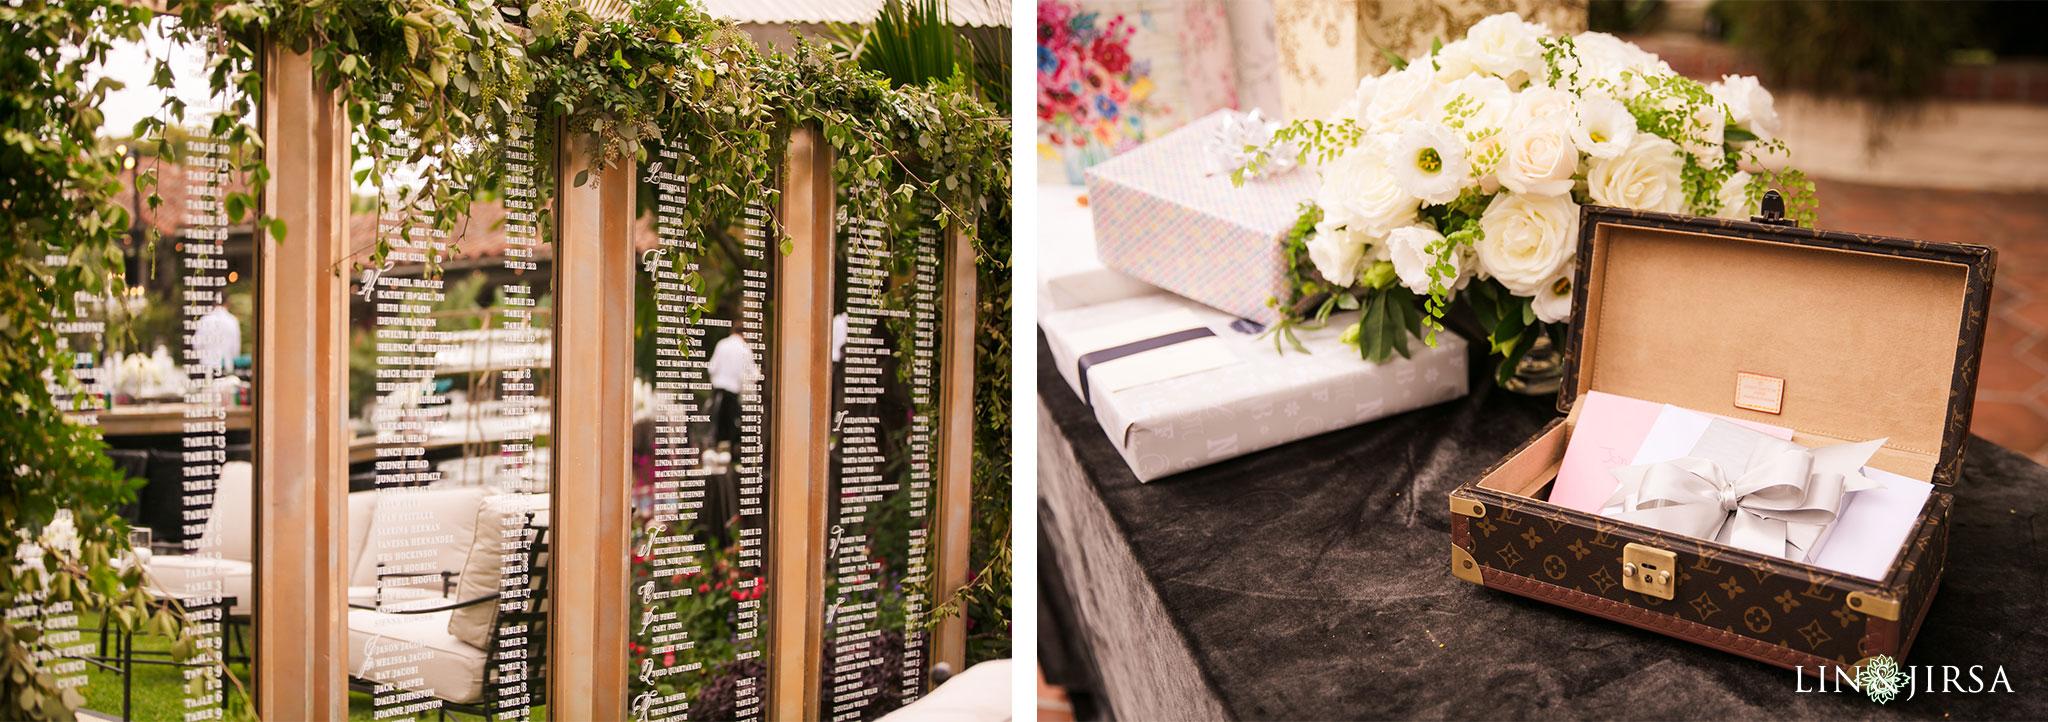 28 sherman library gardens corona del mar same sex wedding photography